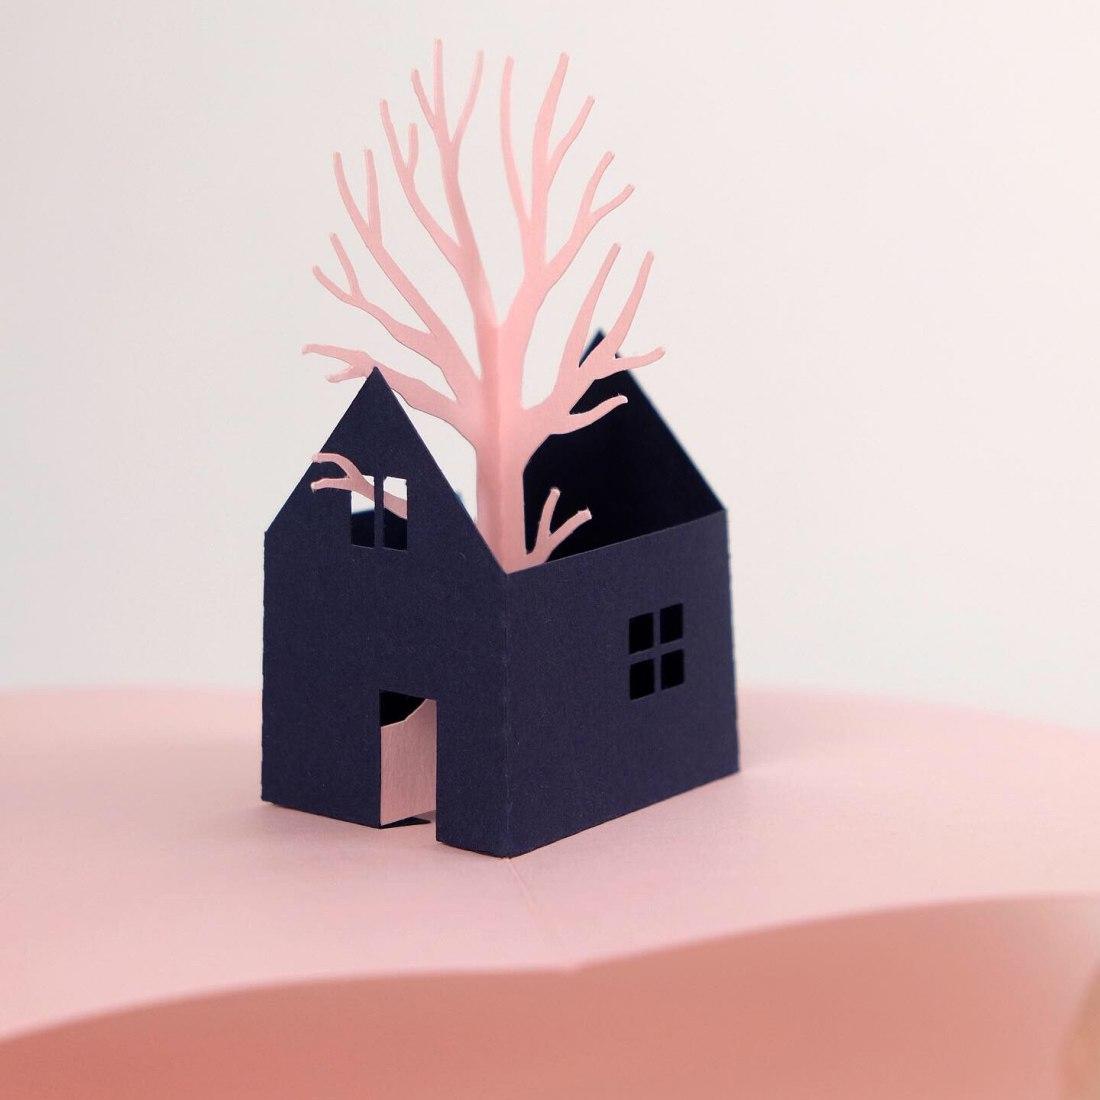 Pop-up del libro. Un árbol en la casa por Óscar Blasco Lázaro. Fotografía por Un árbol en la casa.